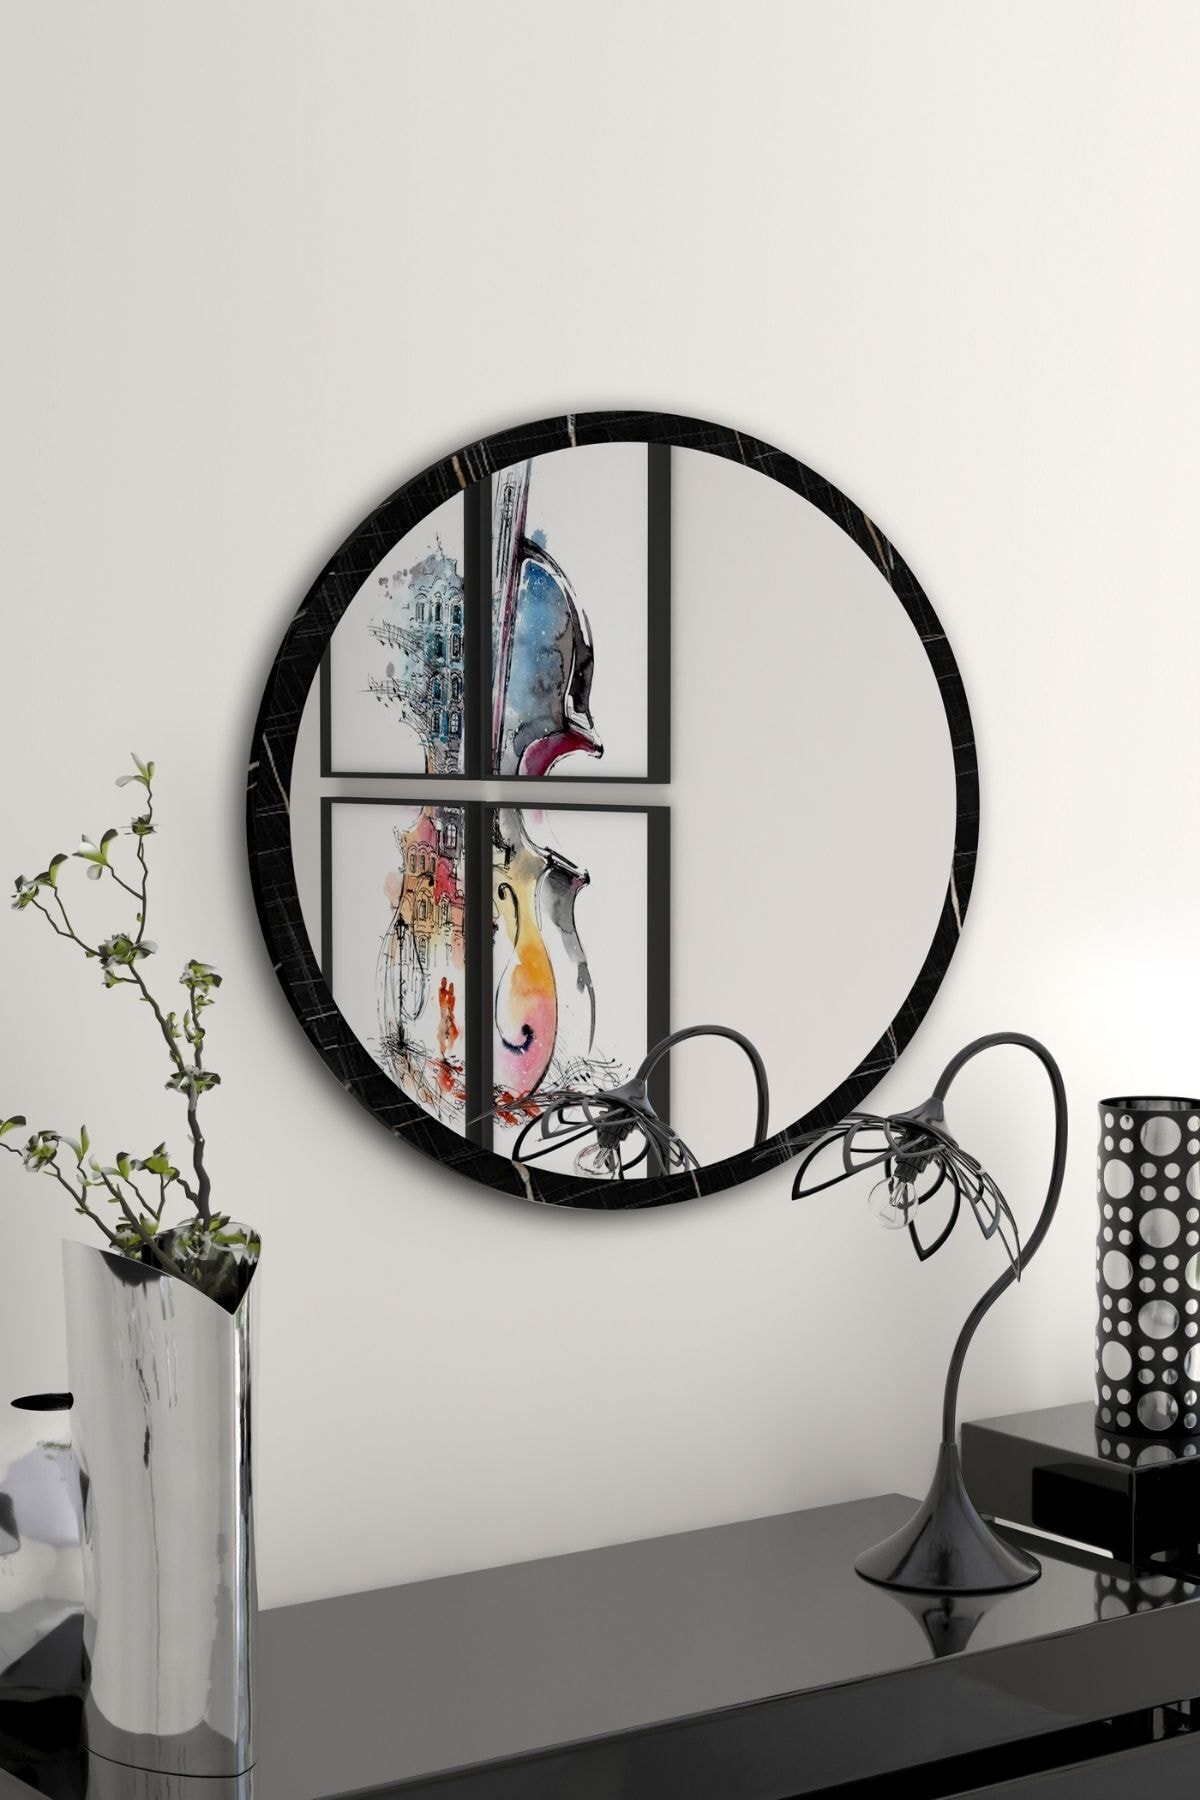 bluecape Yuvarlak Siyah Mermer Desenli Duvar Salon Ofis Aynası 60 cm 1